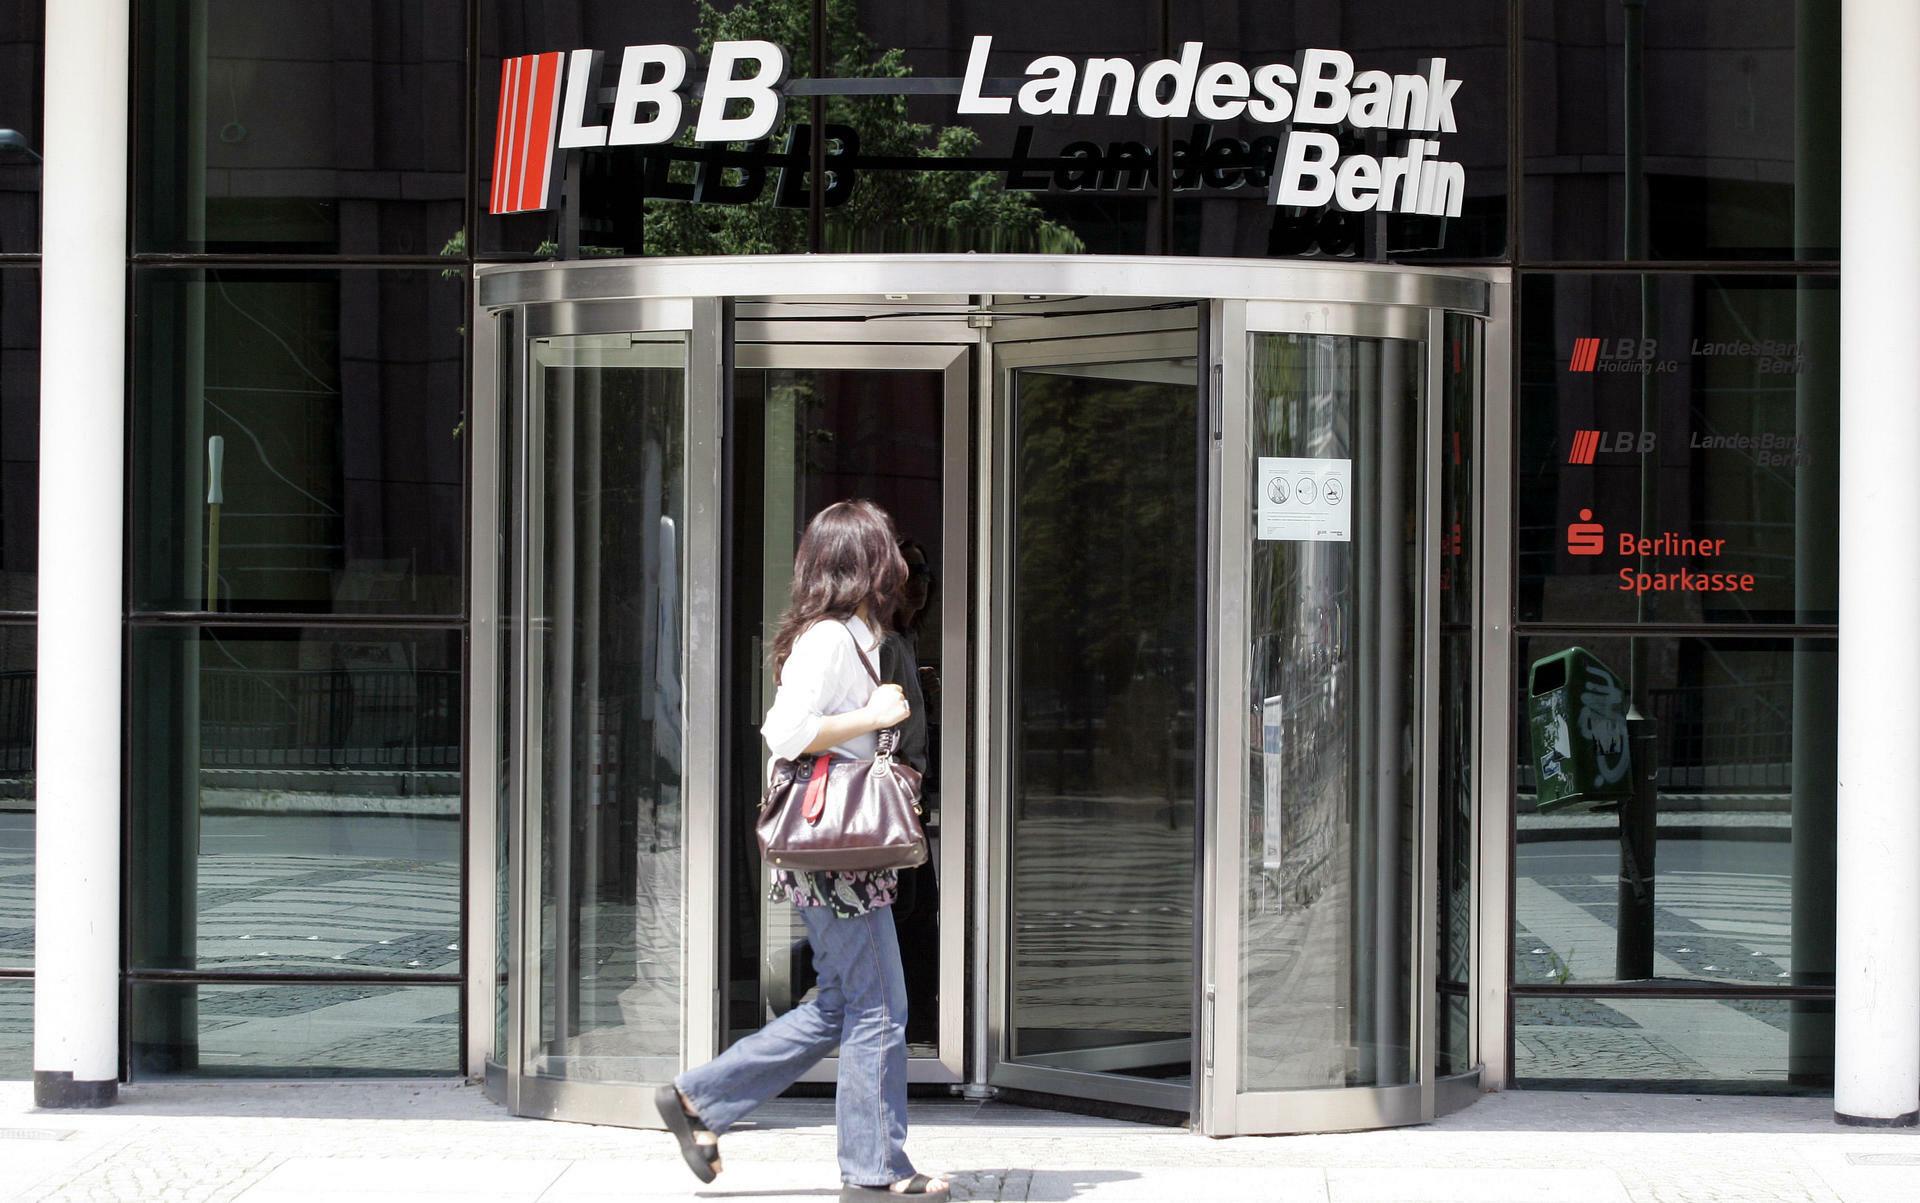 """LBB wird zur """"Berliner Sparkasse"""" Landesbank legt auch ihren Namen ab"""